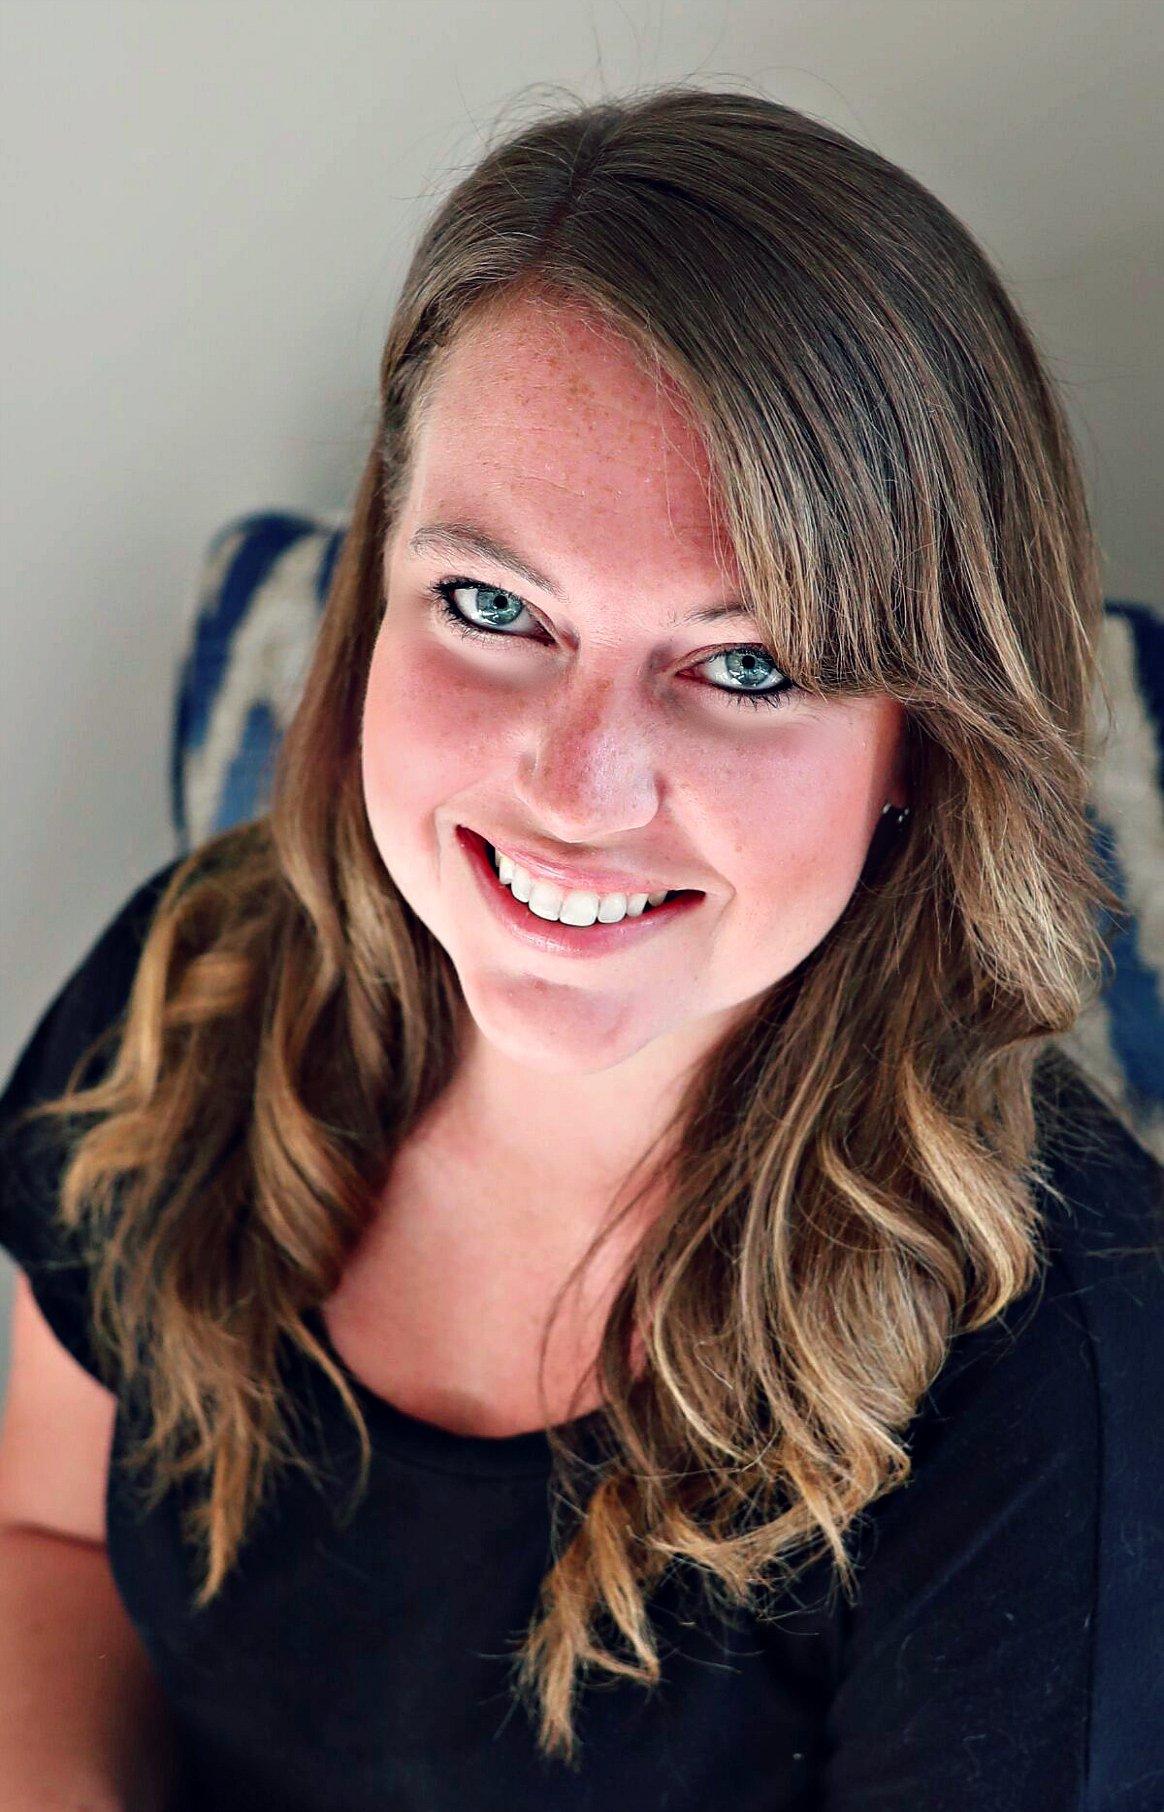 Danielle Schweiger